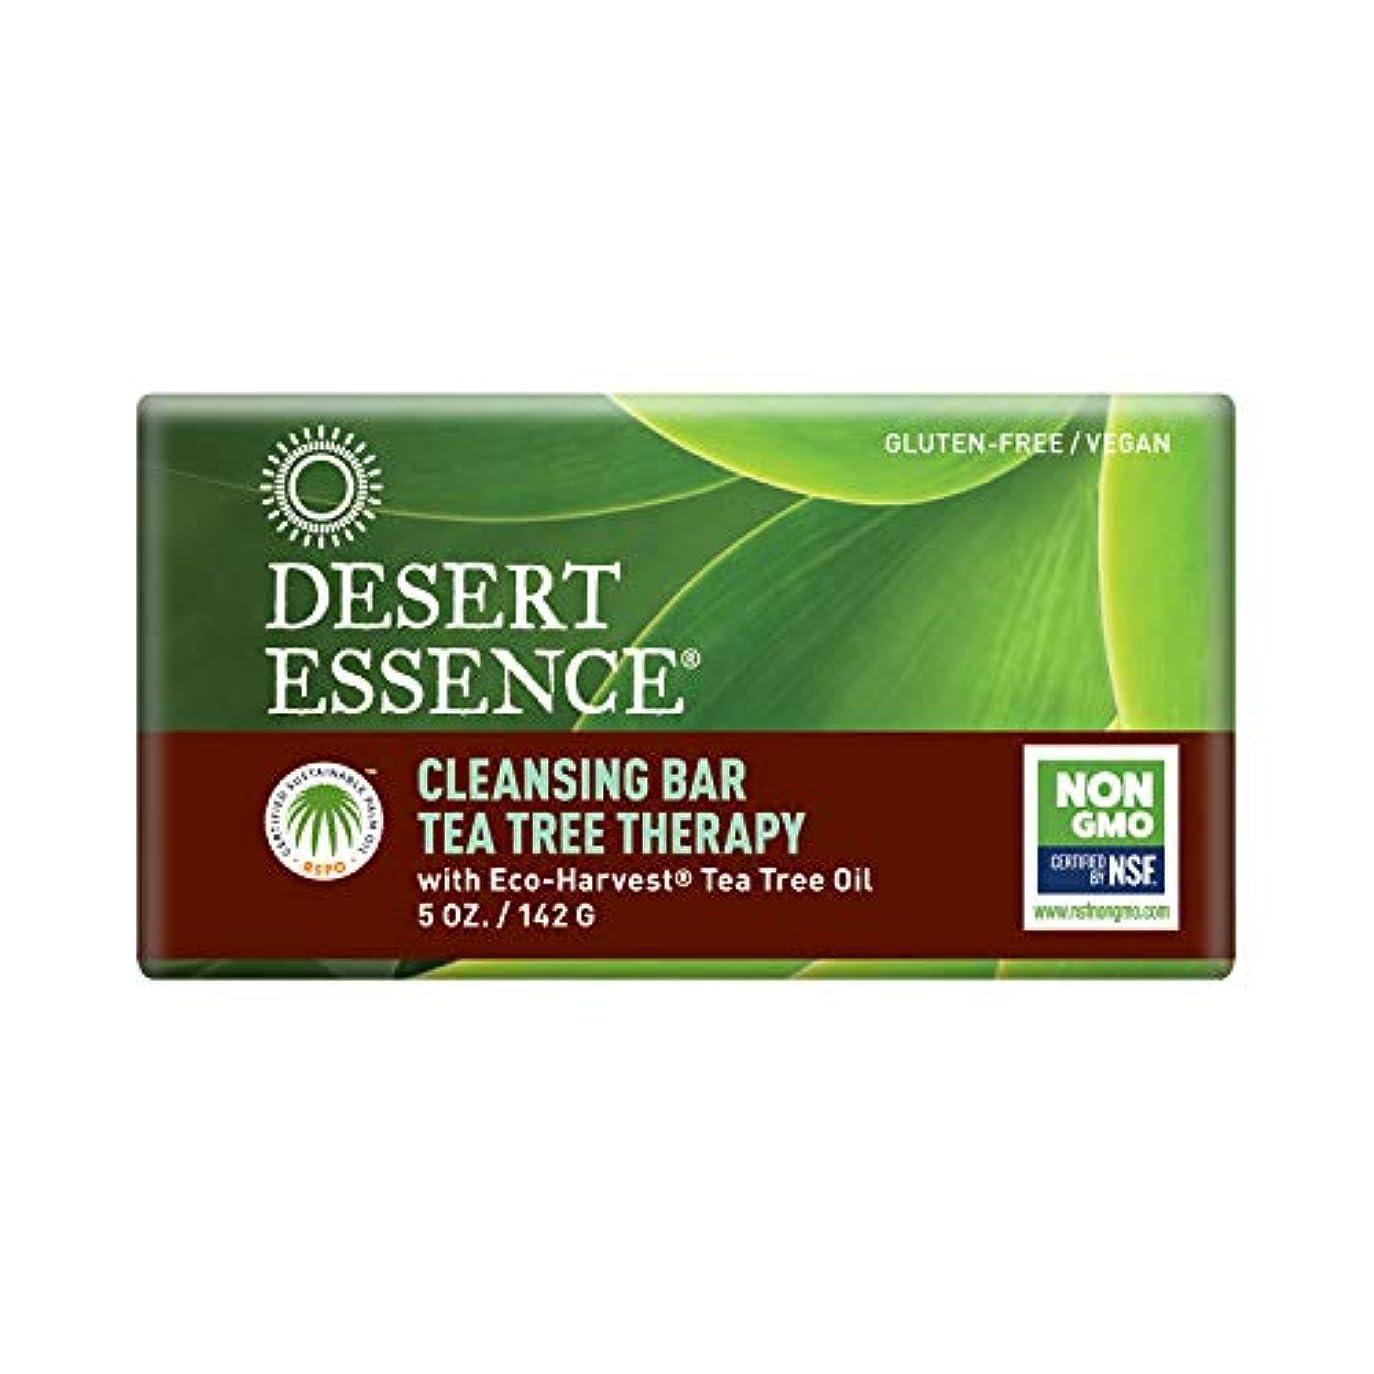 コントロール天井マニア海外直送品Desert Essence Tea Tree Therapy Cleansing Bar Soap, 5 oz